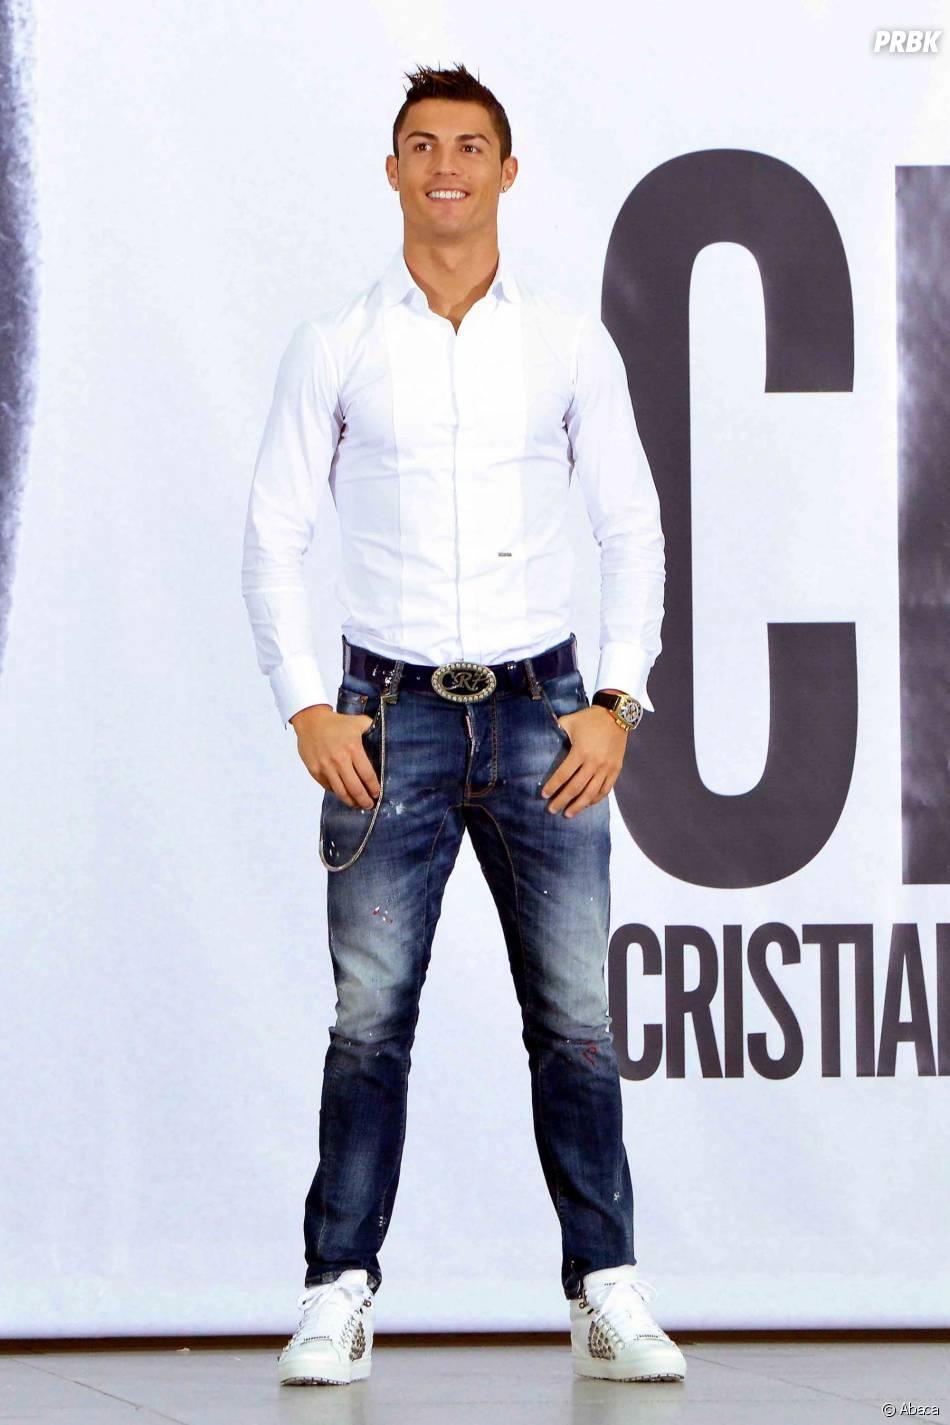 Déguisez-vous en Cristiano Ronaldo pour Mardi Gras